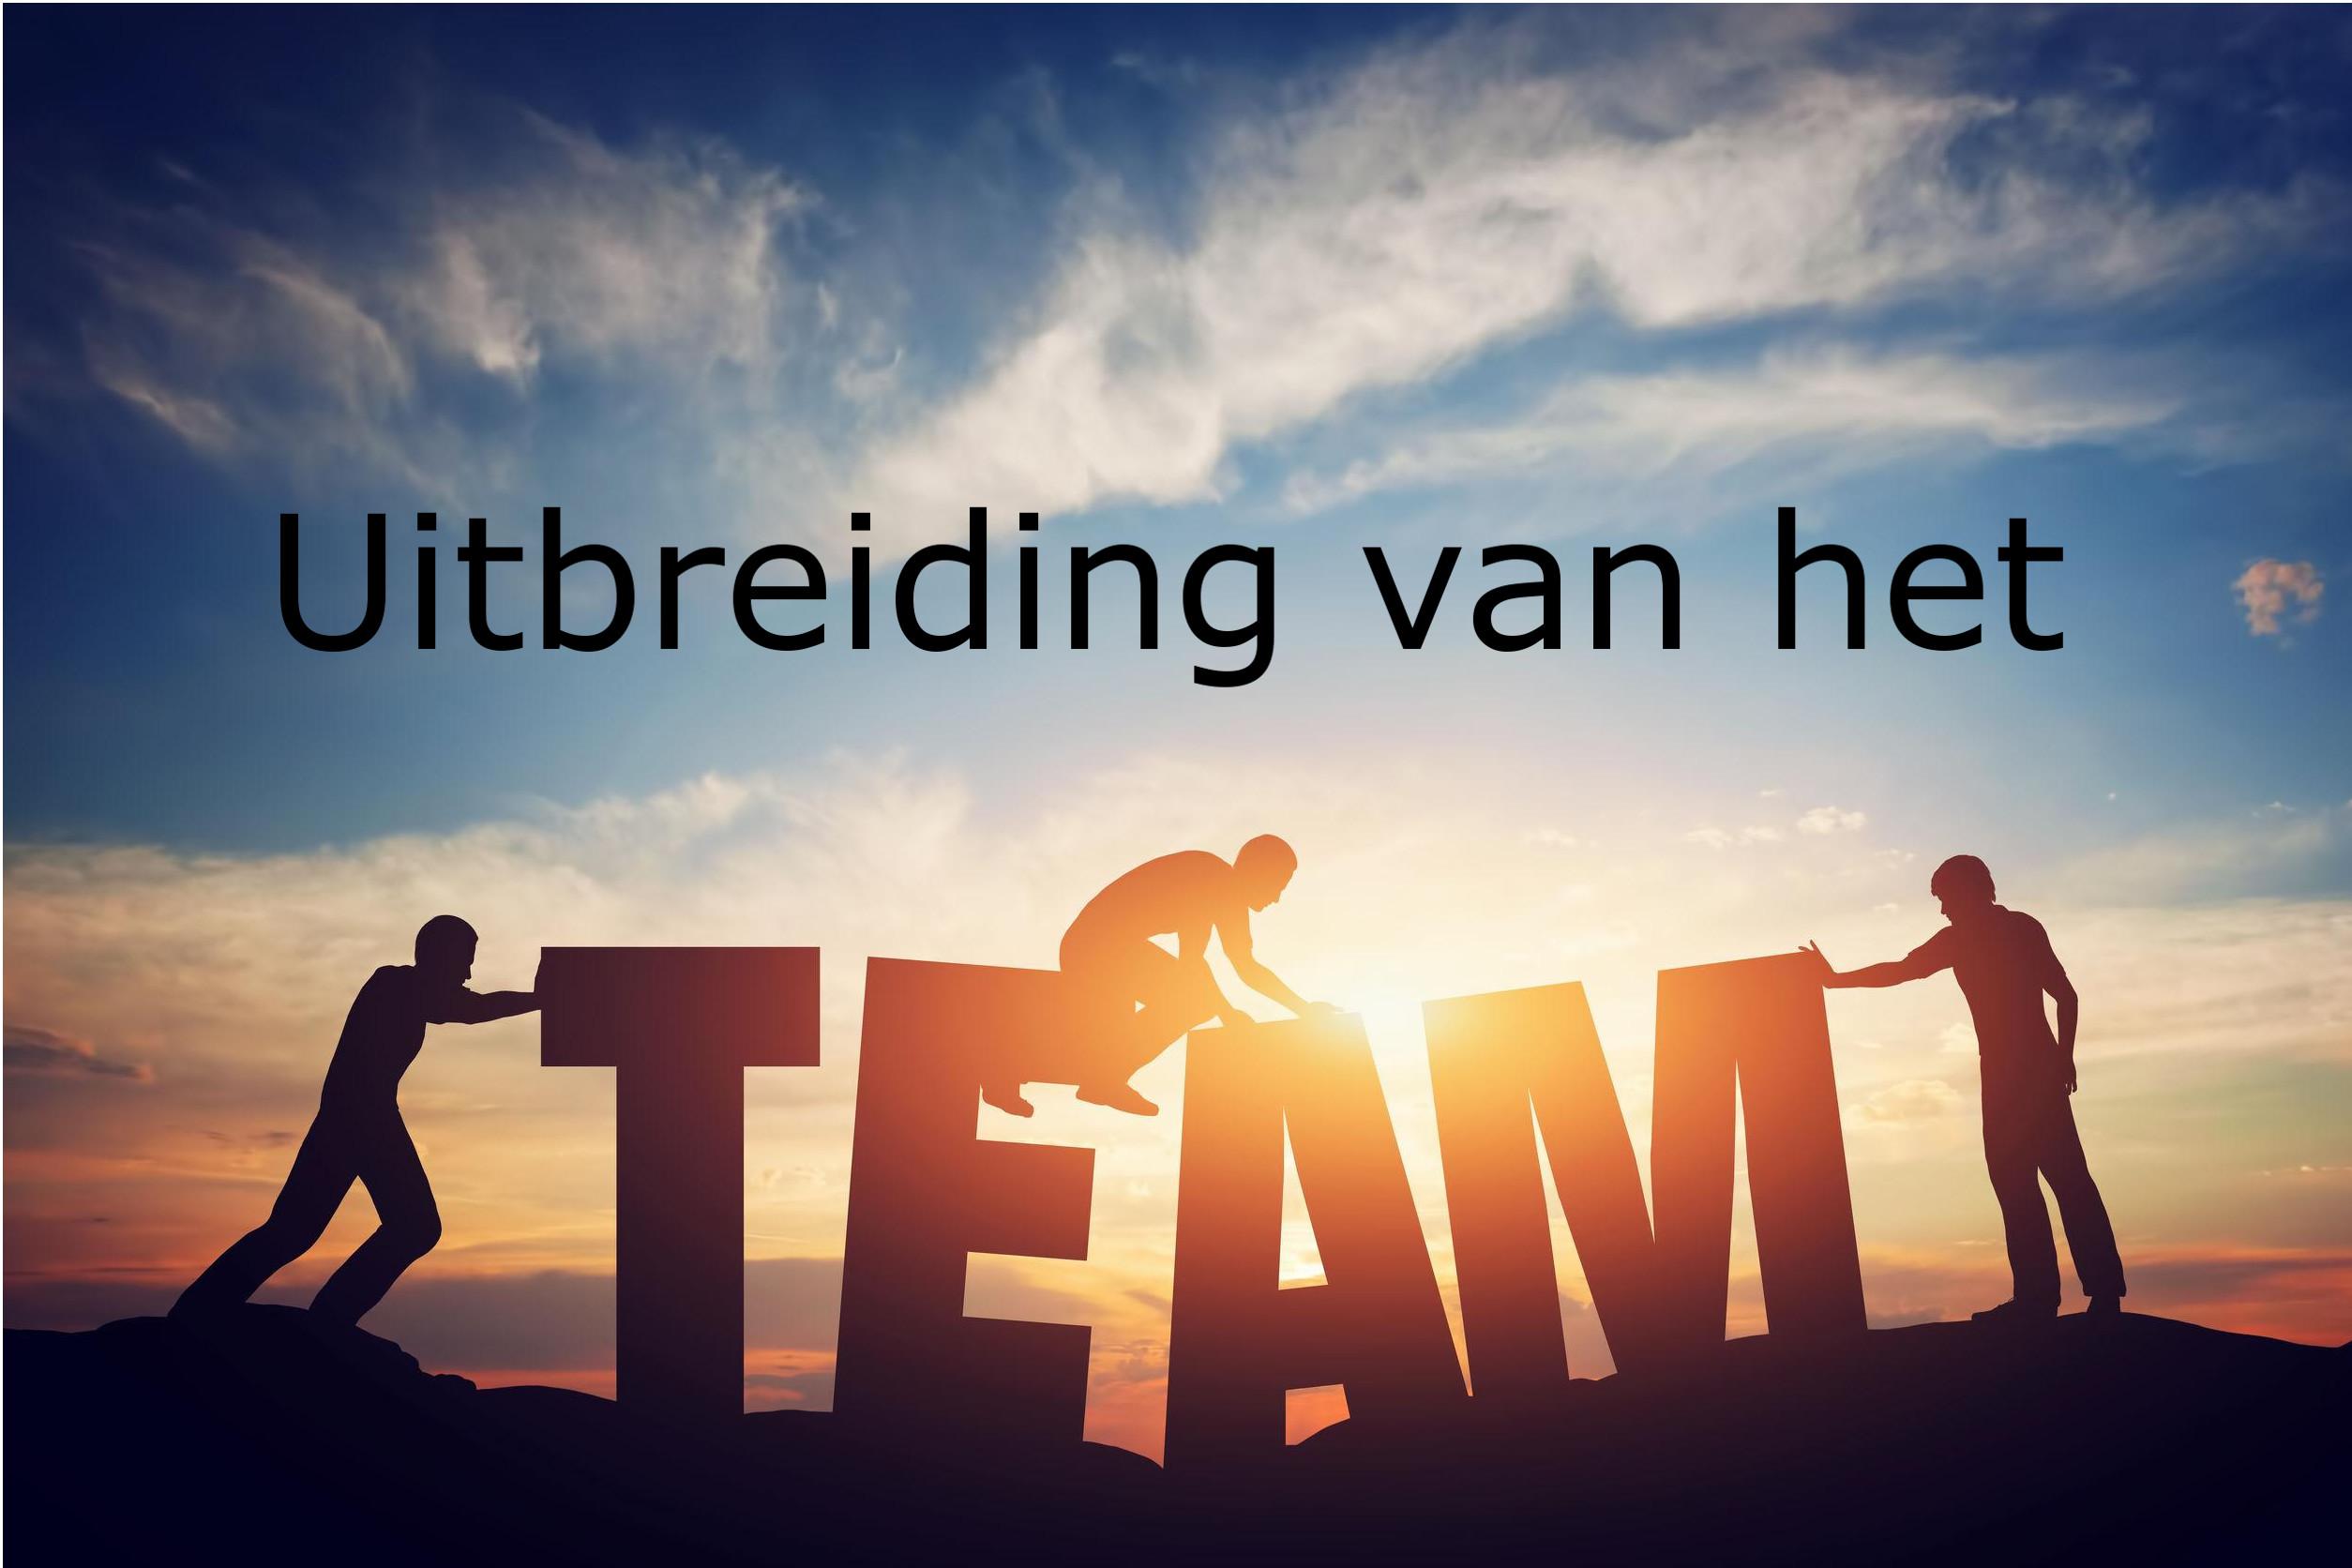 Graag stellen we aan u voor: onze nieuwe medewerker Thijs